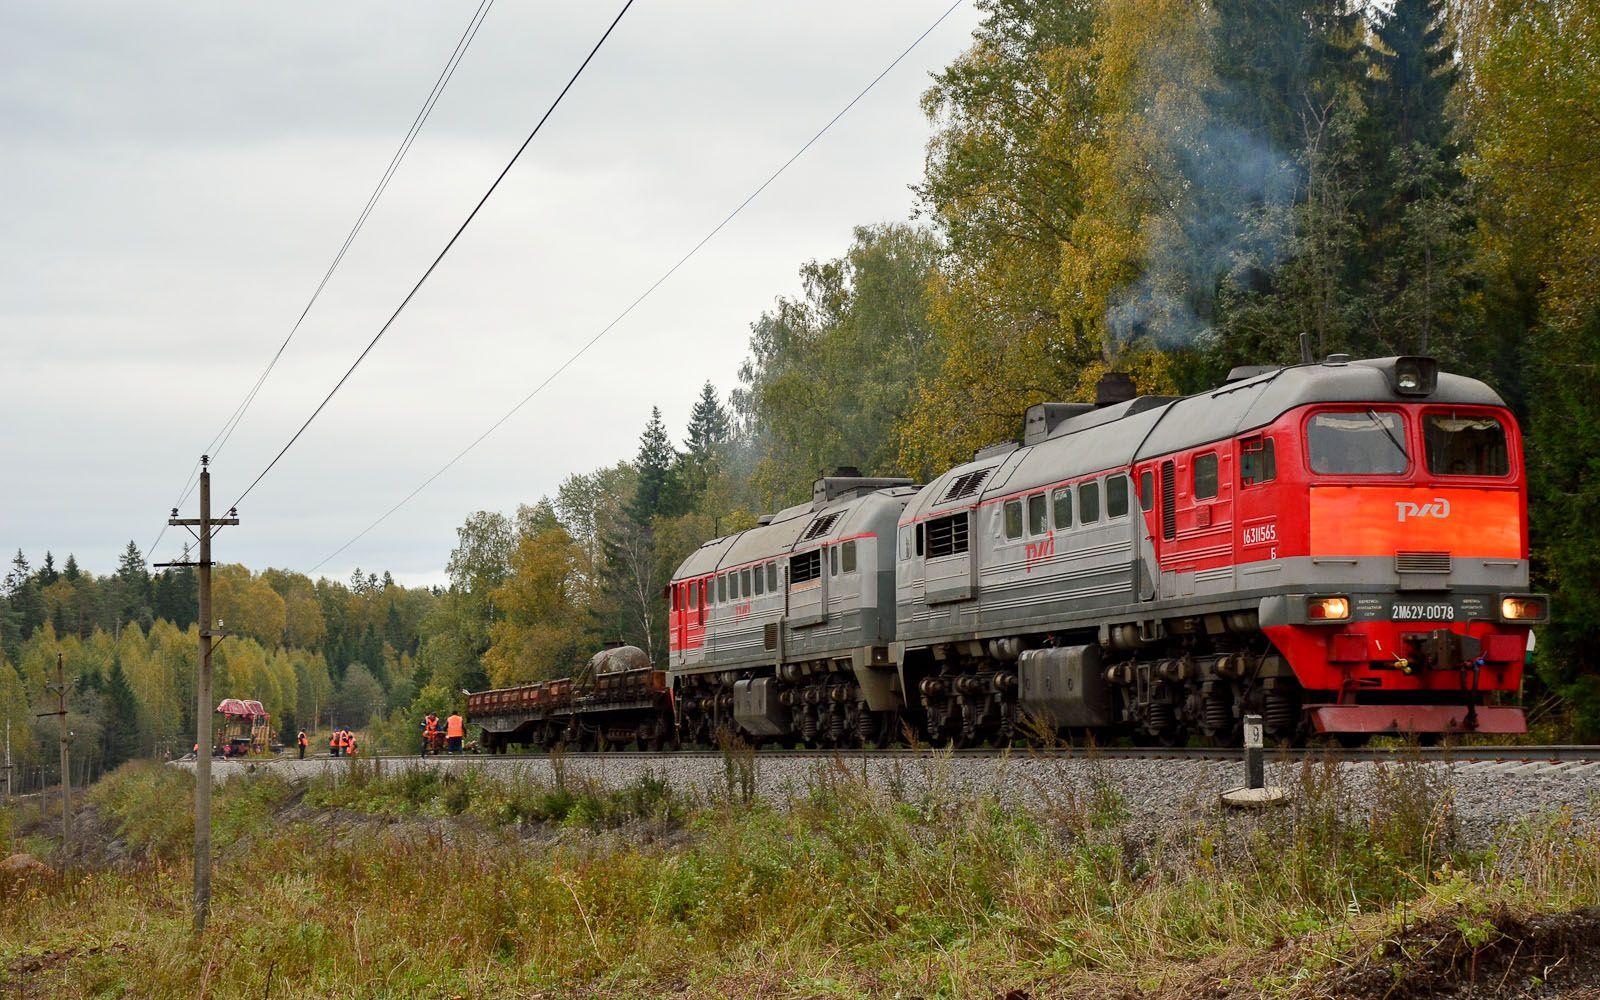 ©Foto: railmen Steffen Mann | 2M62Y-0078 mit Arbeitszug bei Bauarbeiten an Ost-West-Strecke bei Bologoe | 26.09.2018